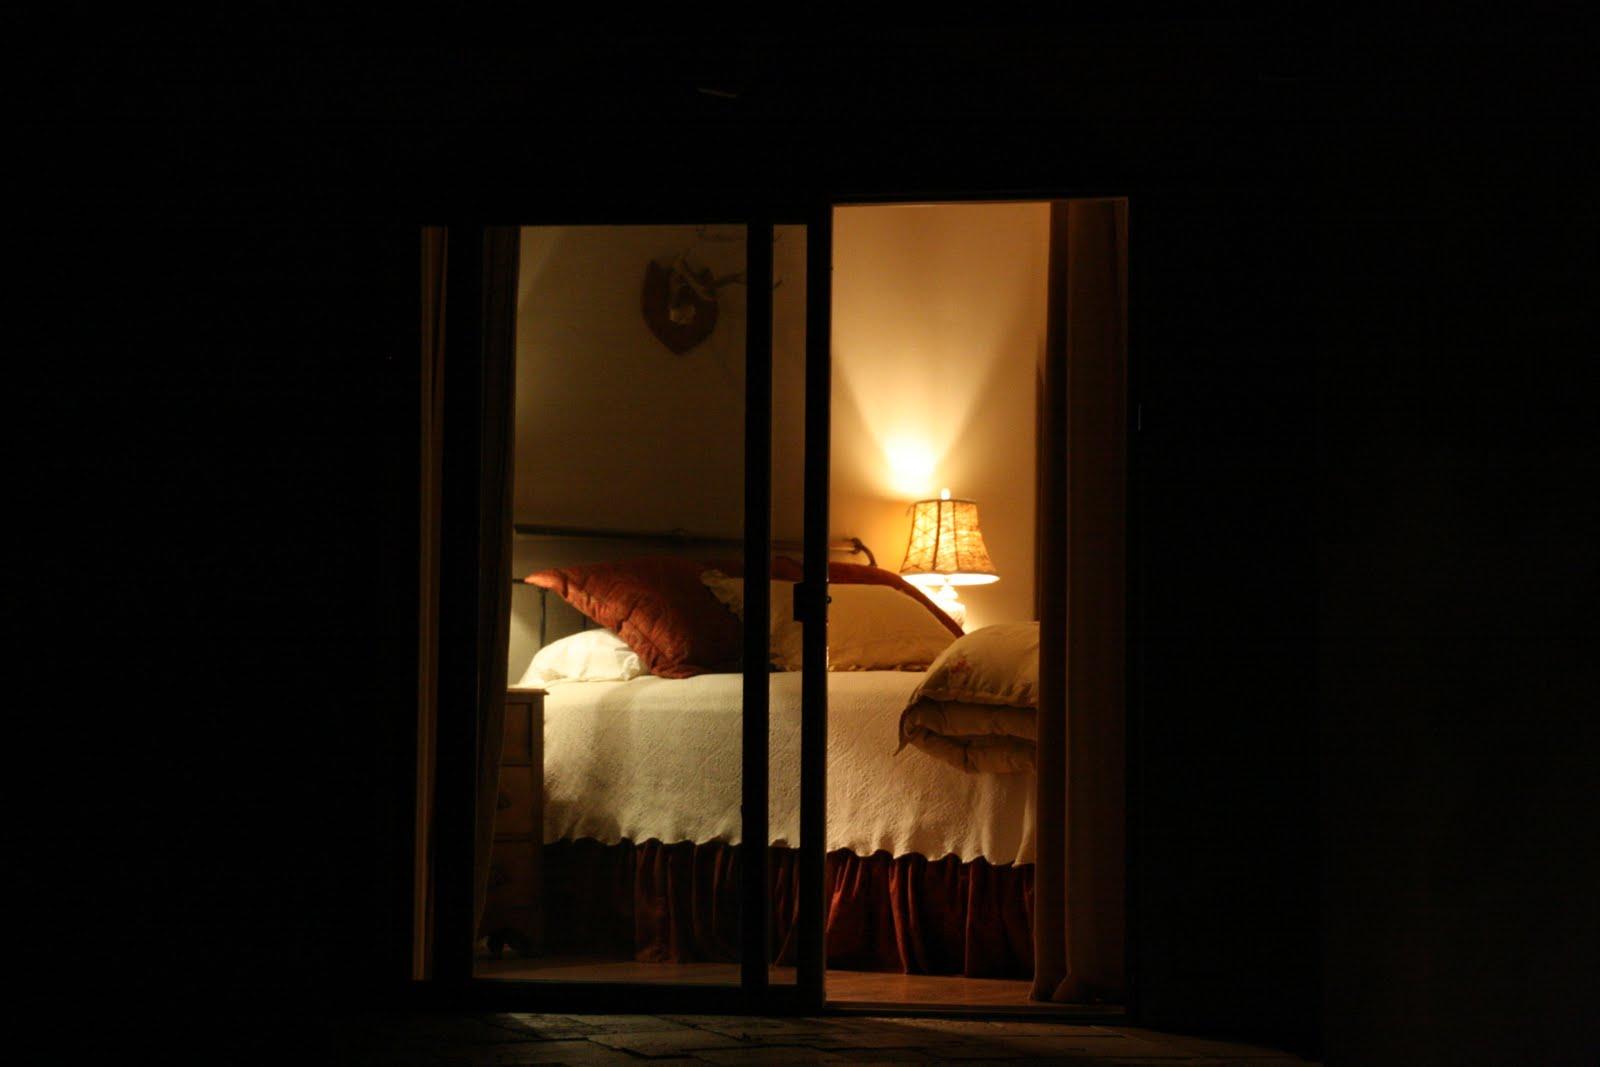 window peeping